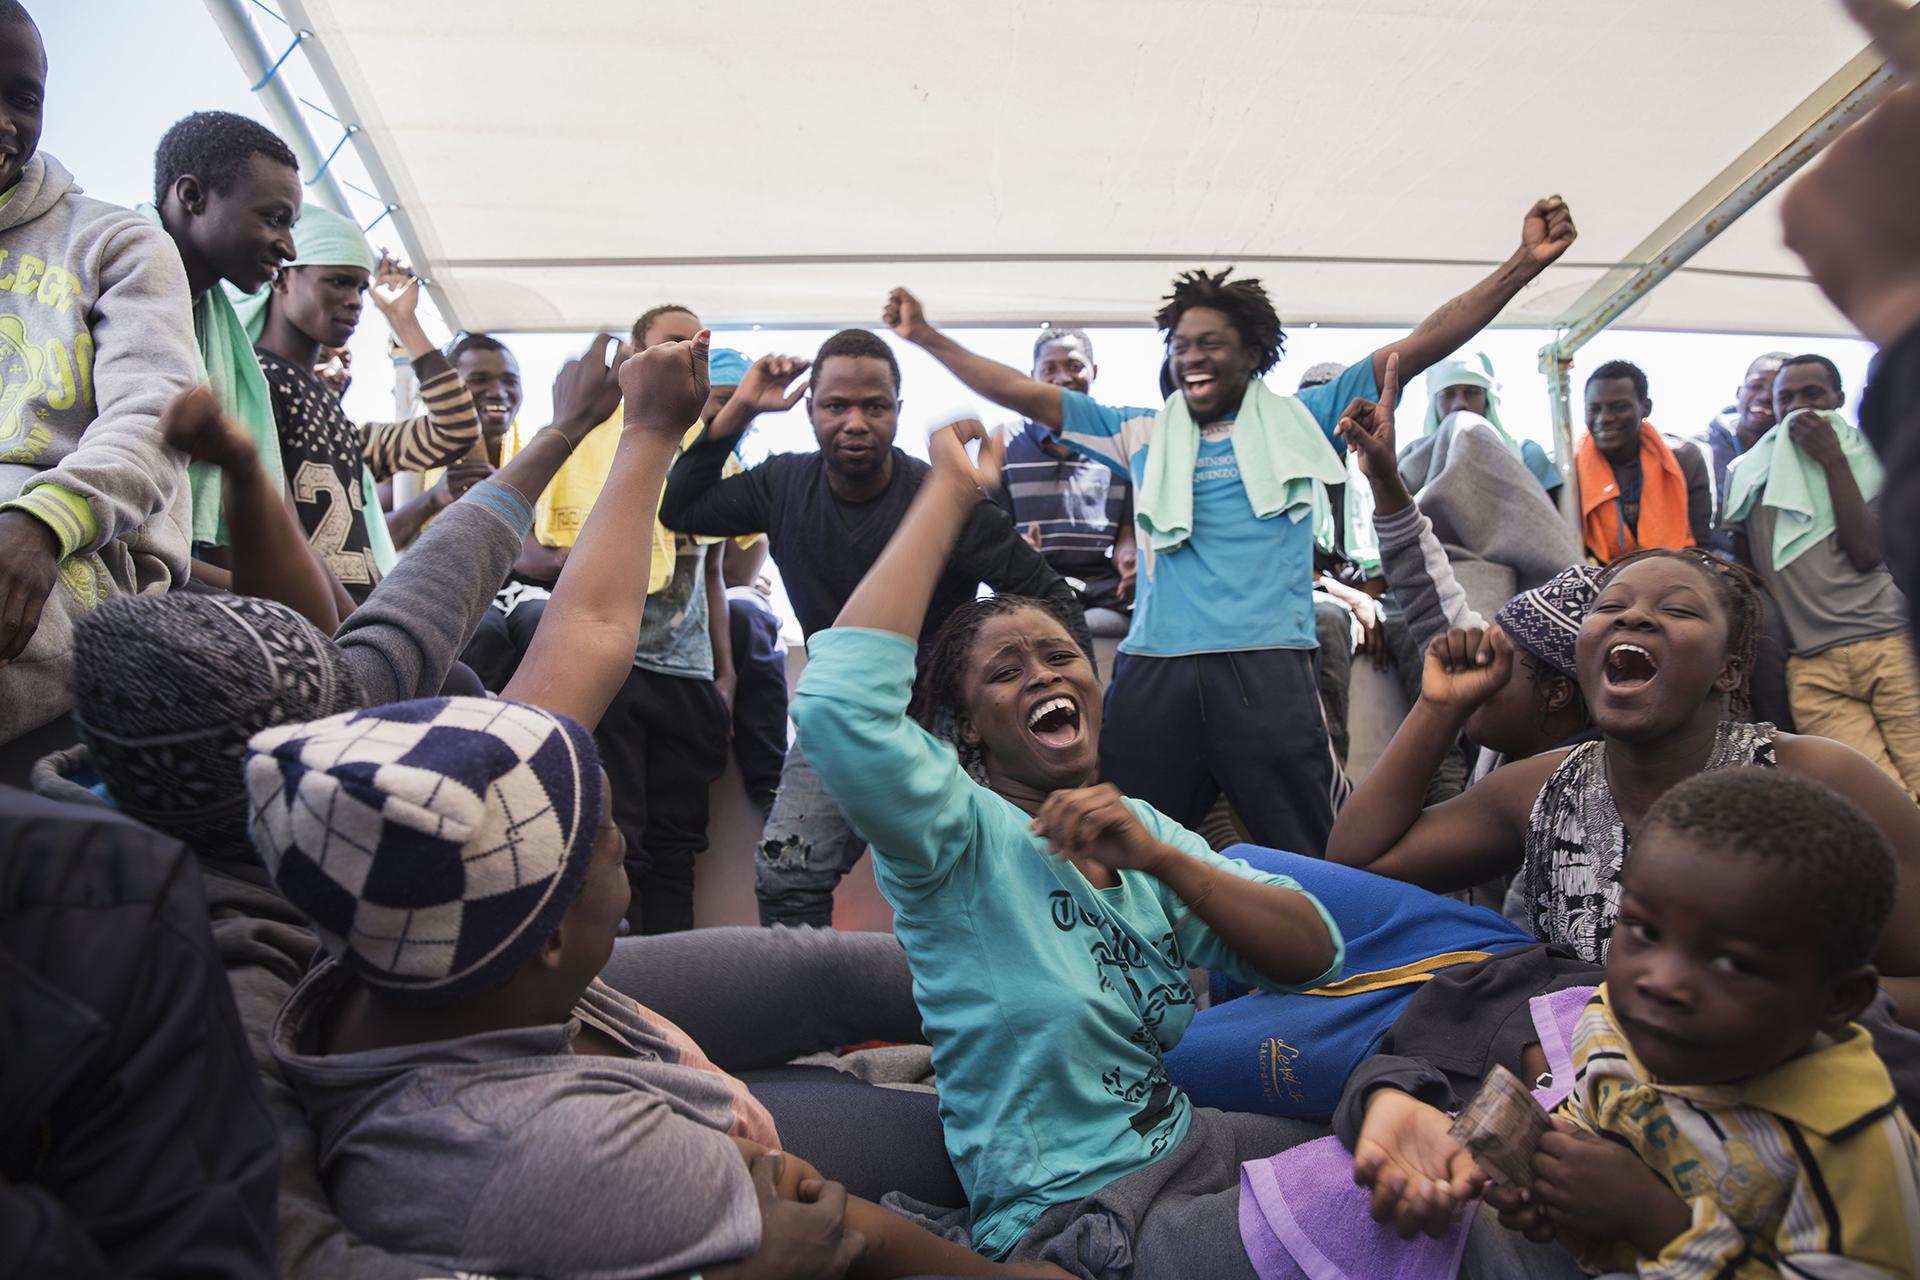 MAR MEDITERRÁNEO: A bordo del Dignity 1, un barco de búsqueda y rescate de MSF, un grupo de personas celebran haber sido rescatadas de un bote en peligro. Alrededor de 435 personas fueron salvadas, la mayoría eran de Guinea, Mali, Costa de Marfil y Senegal (© Anna Surinyach)